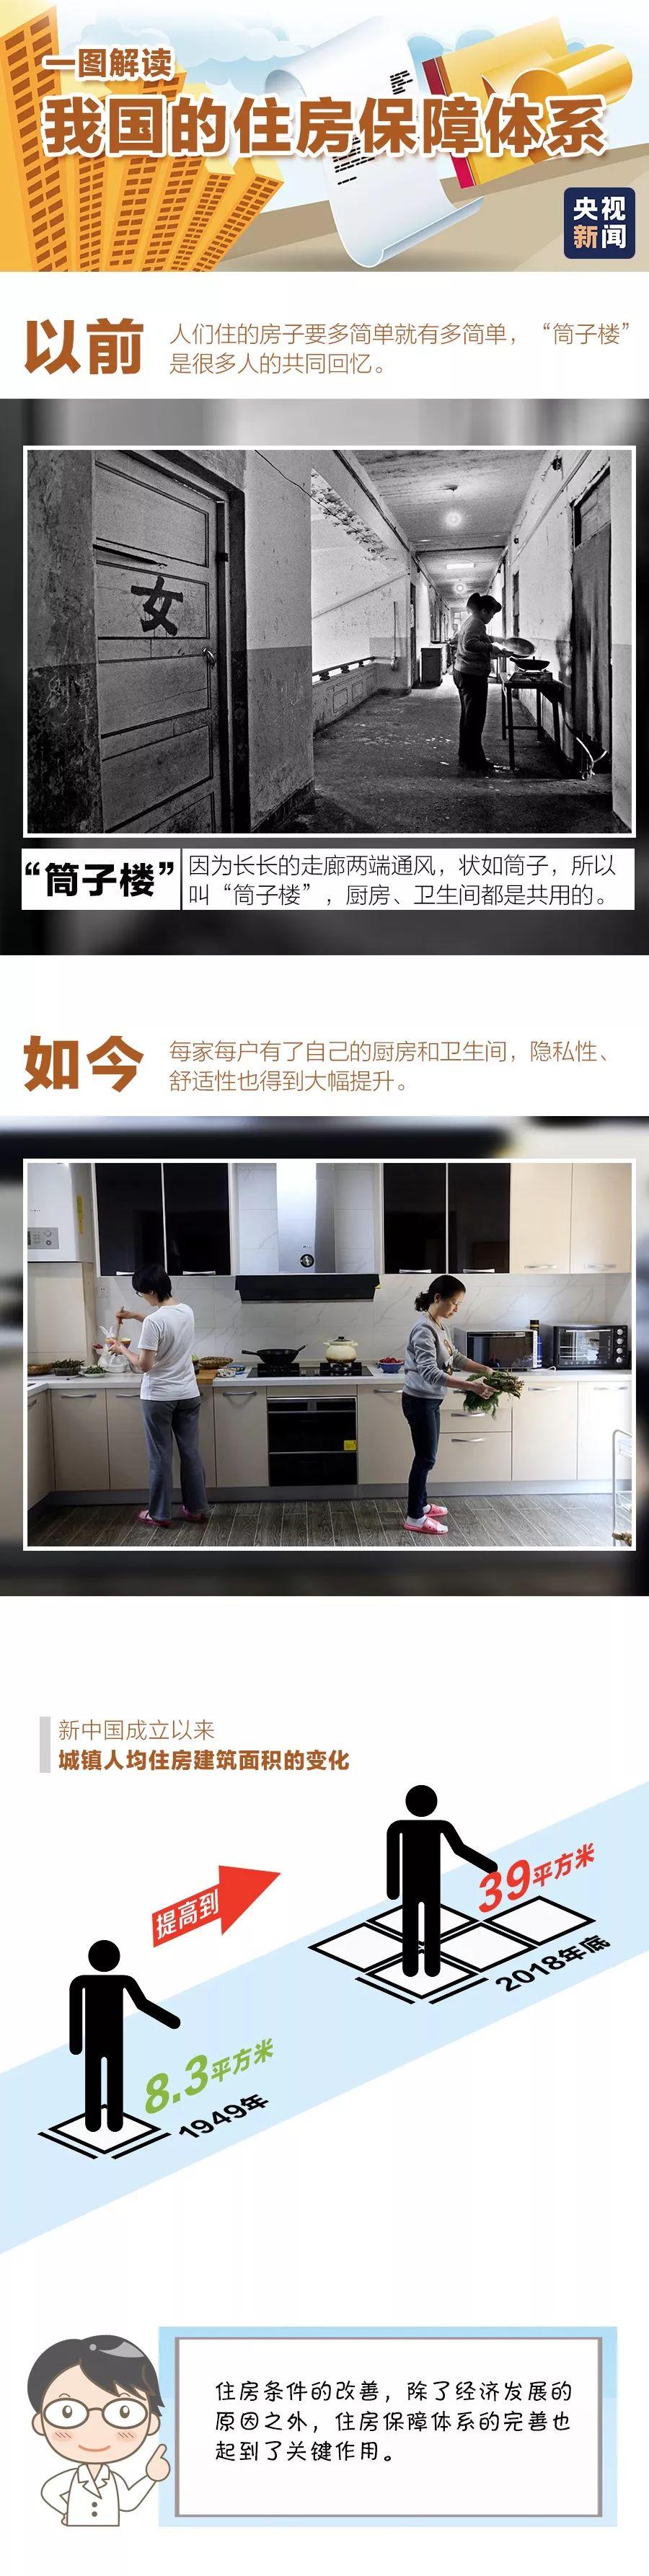 广汽集团绩后遭大行削目标价 现由升转跌挫逾5.44%